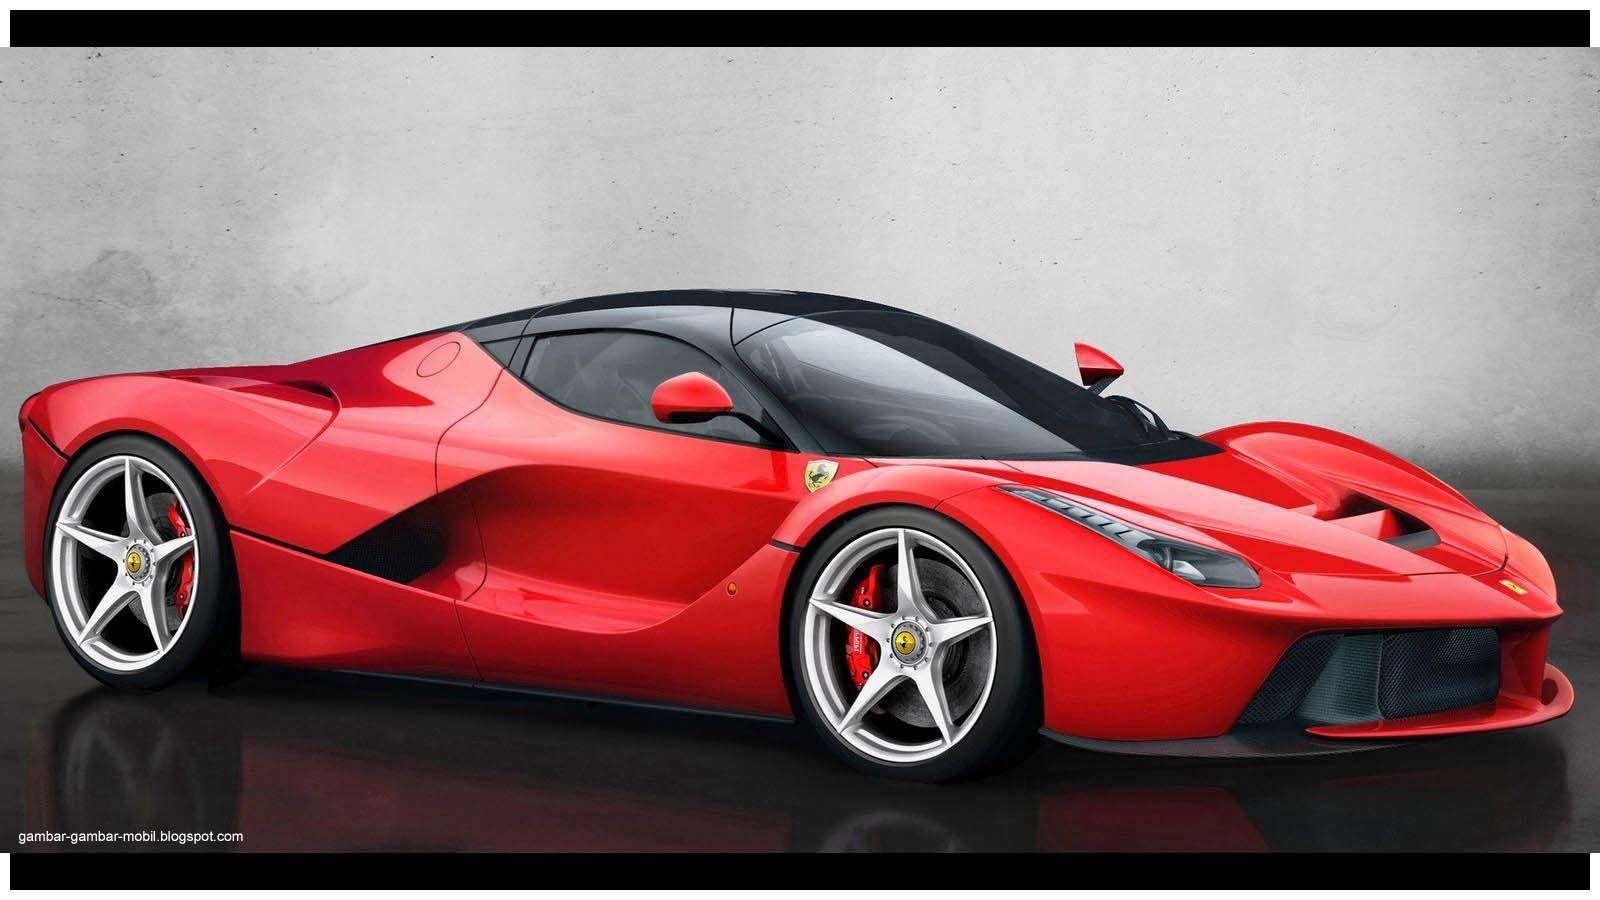 Foto Mobil Sedan Ferrari Modifikasi Mobil